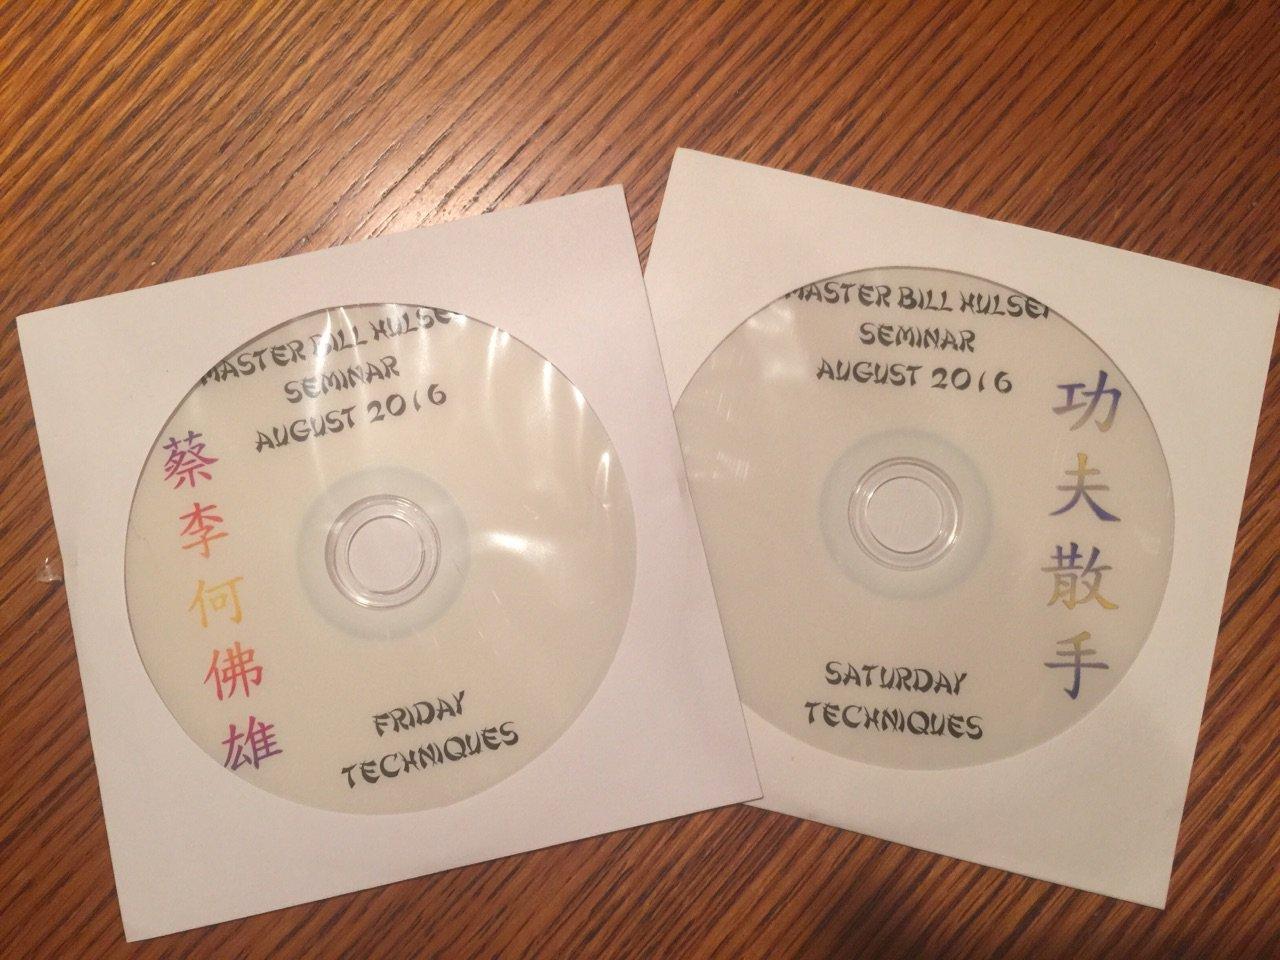 2016 Seminar DVDs (set of 2)